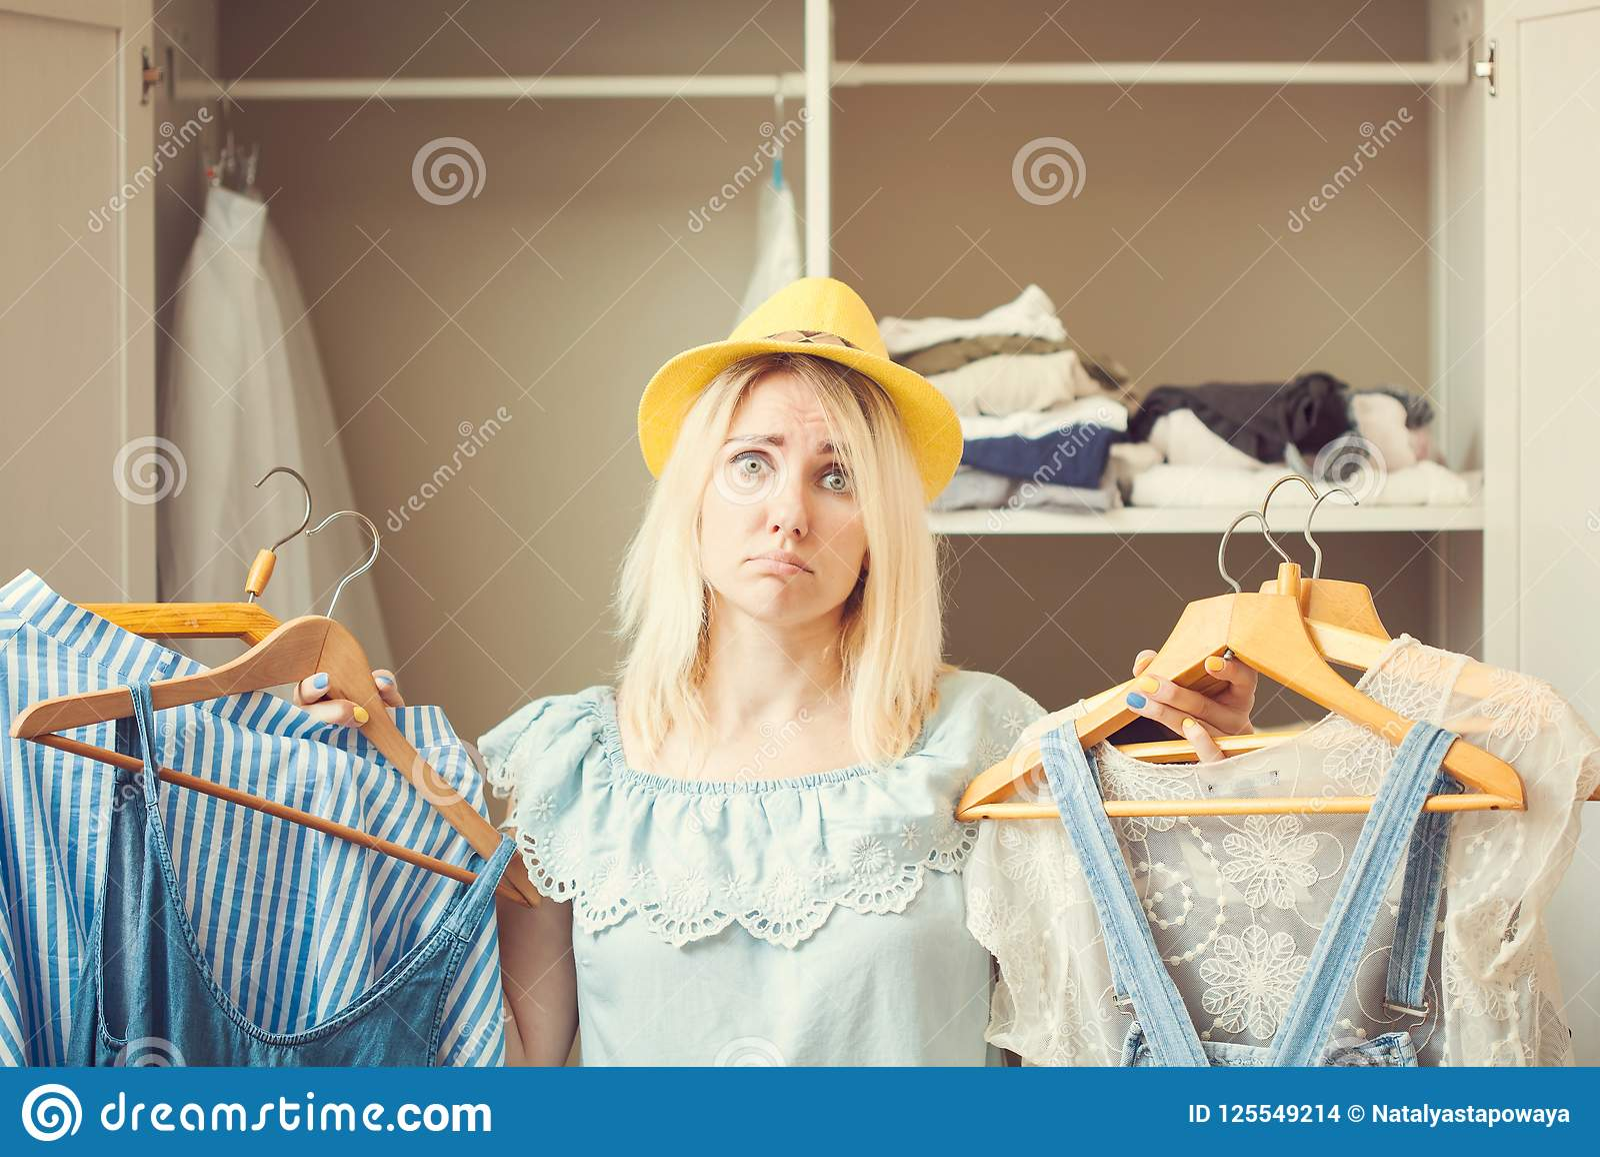 Το κορίτσι κοντά σε μια ντουλάπα με τα ενδύματα δεν μπορεί να επιλέξει τι να φορέσει Η βαριά έννοια επιλογής δεν έχει τίποτα που